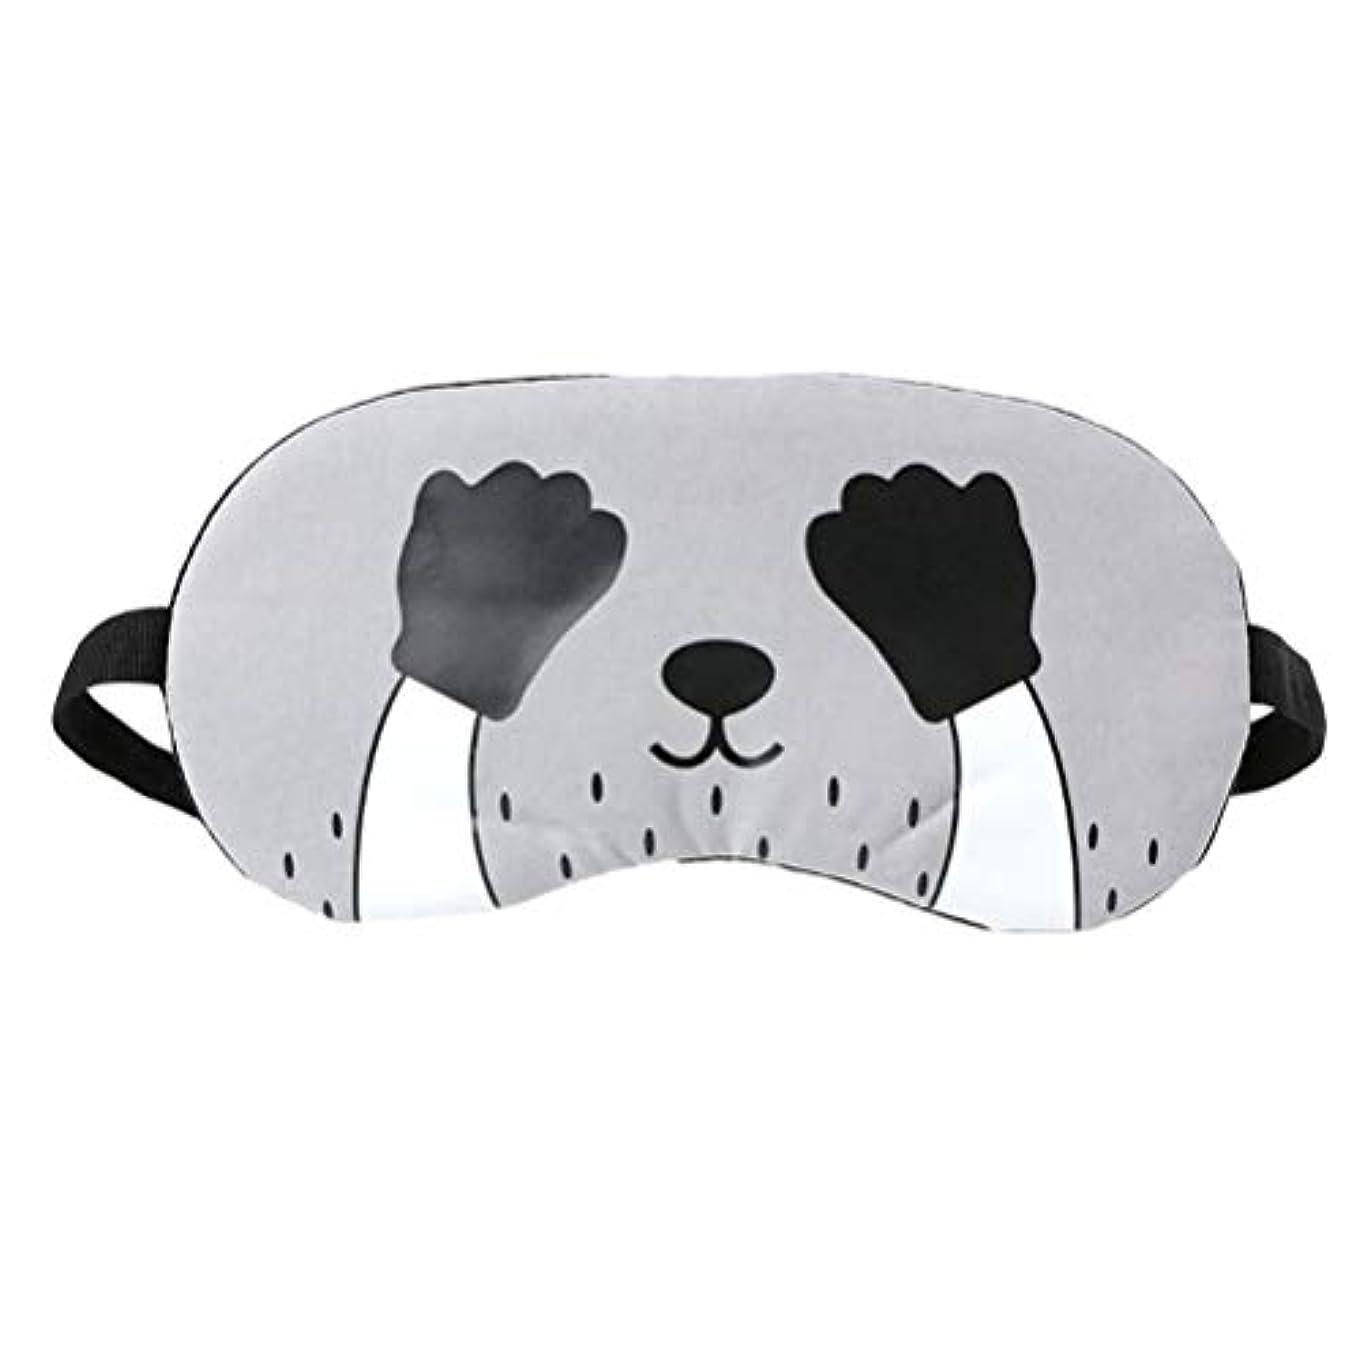 うめきブラジャー敏感なHEALIFTY 眠る目のマスクかわいい漫画のプリント氷の圧縮睡眠マスク目隠しの女の子のための